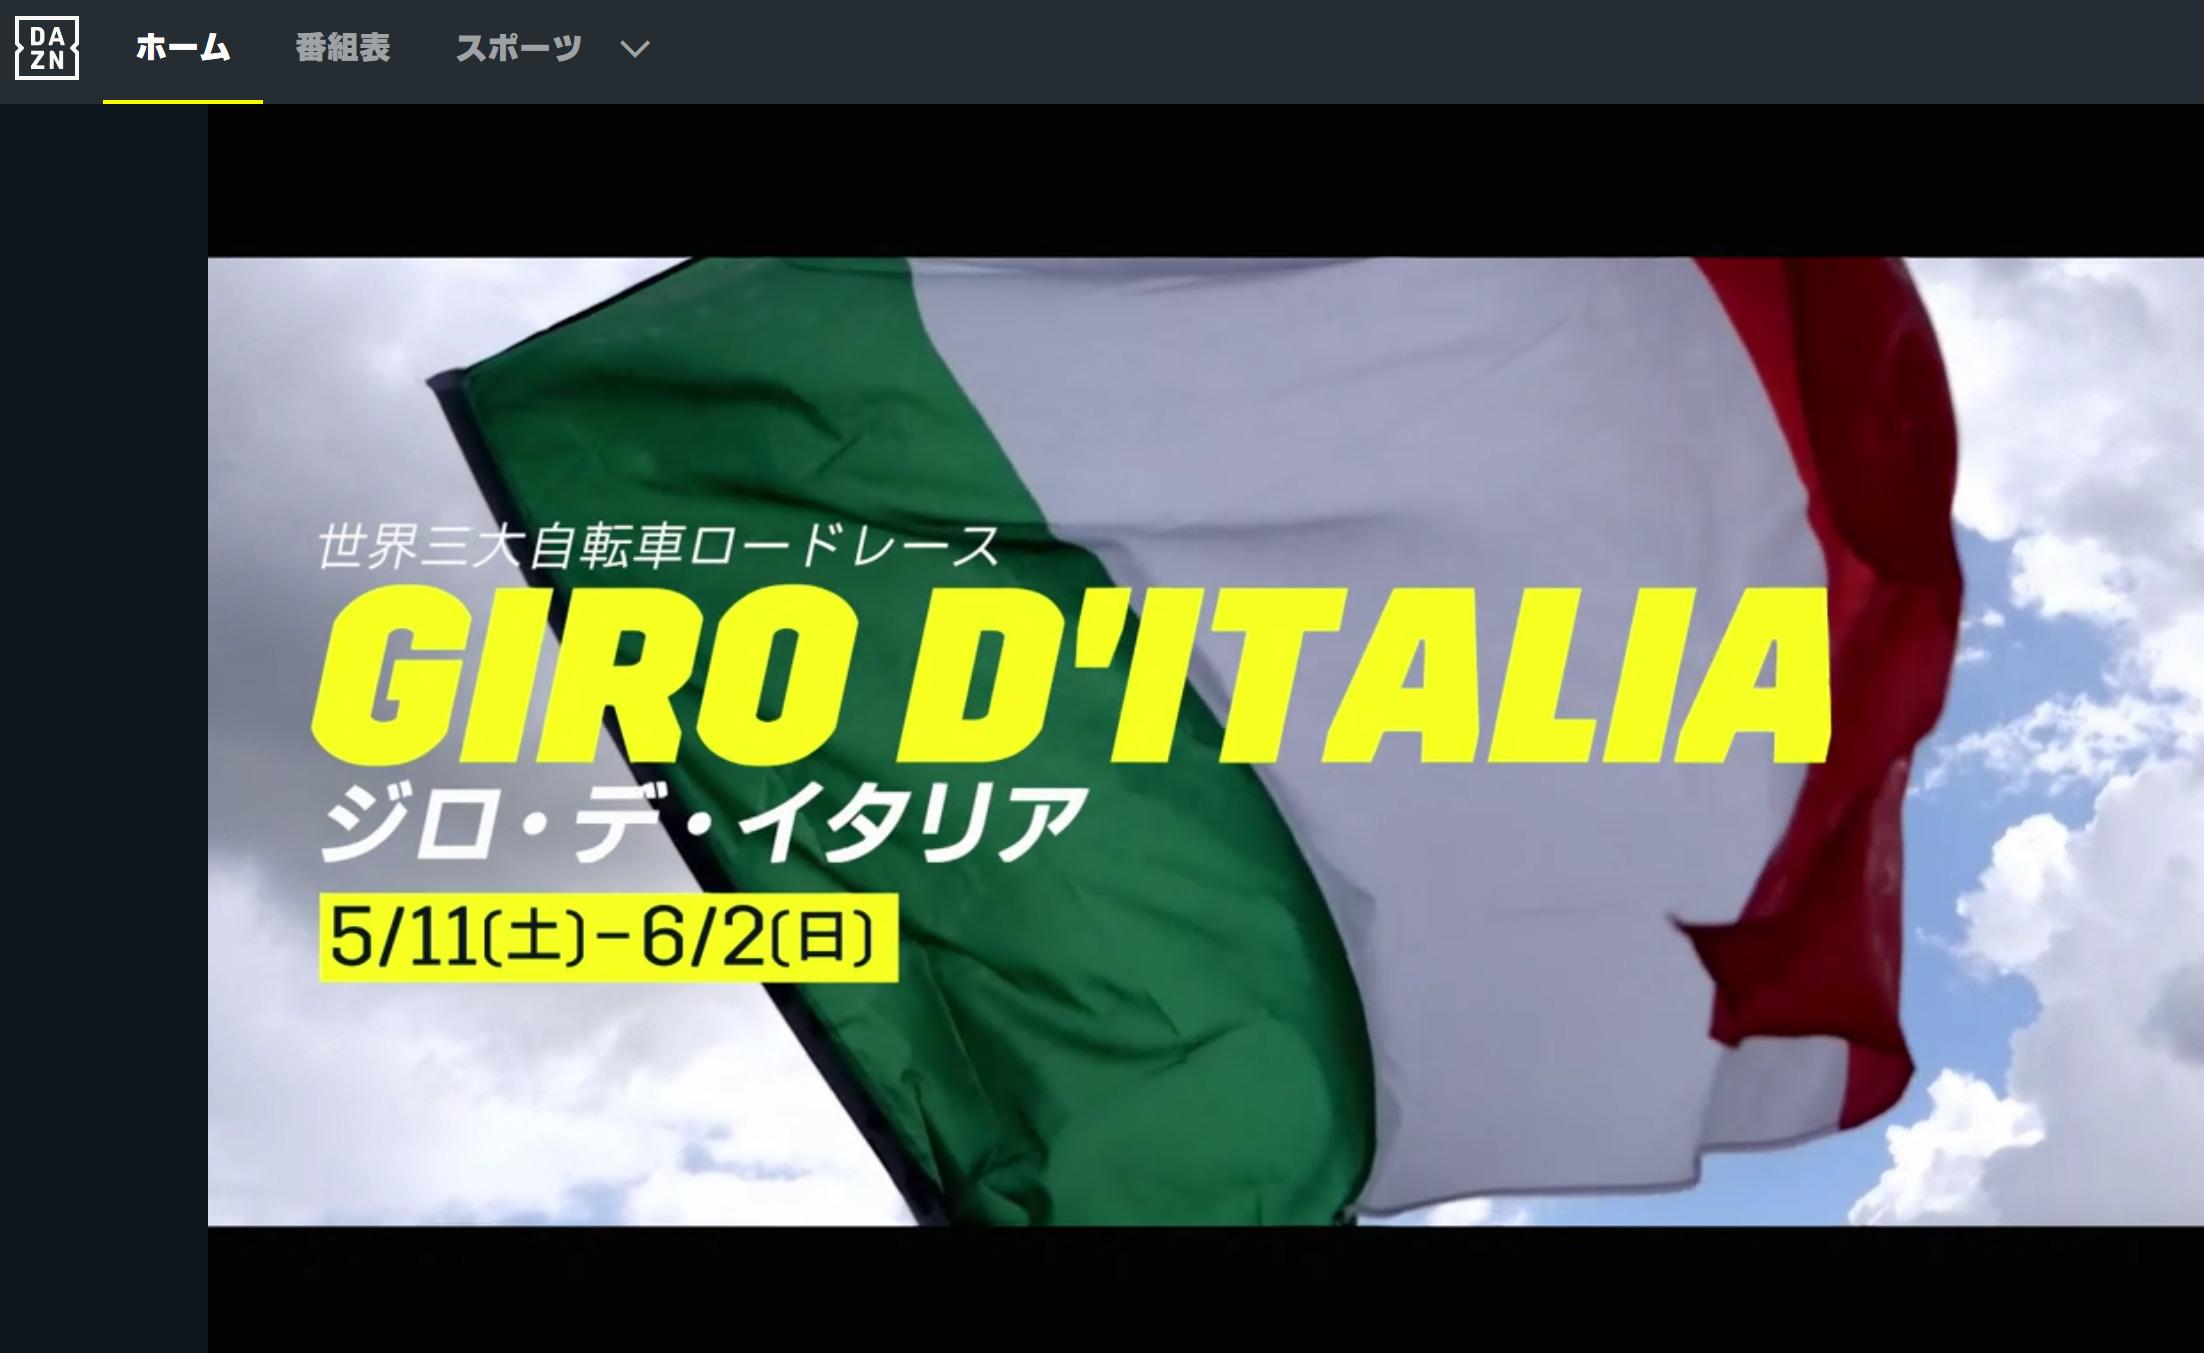 2019年ジロ・デ・イタリア